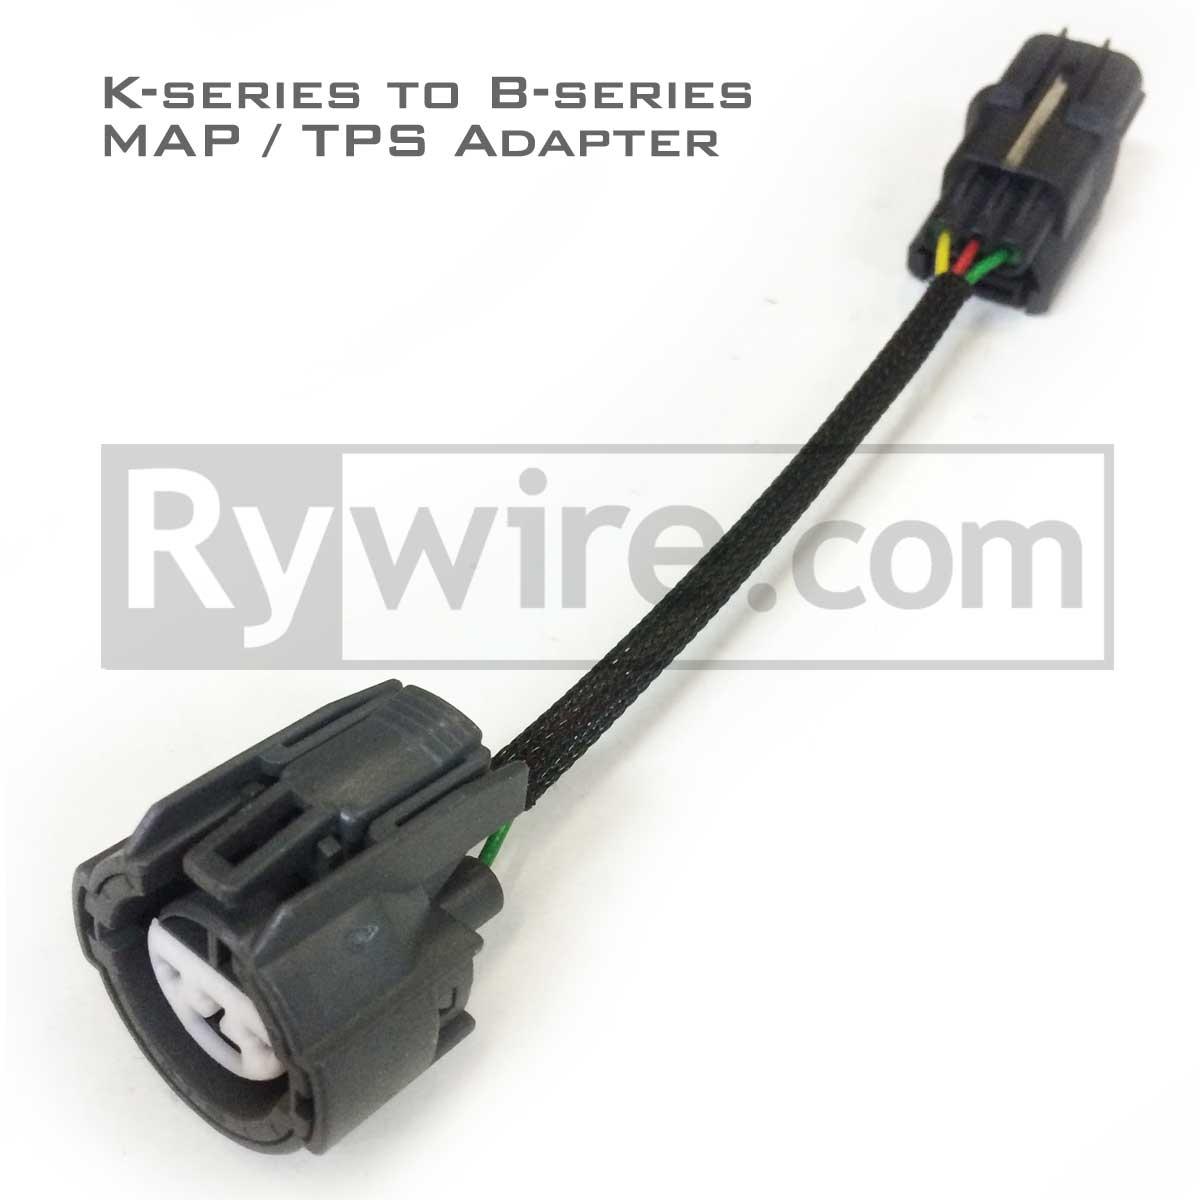 94 ford ranger crank sensor wiring diagram 94 ford ranger